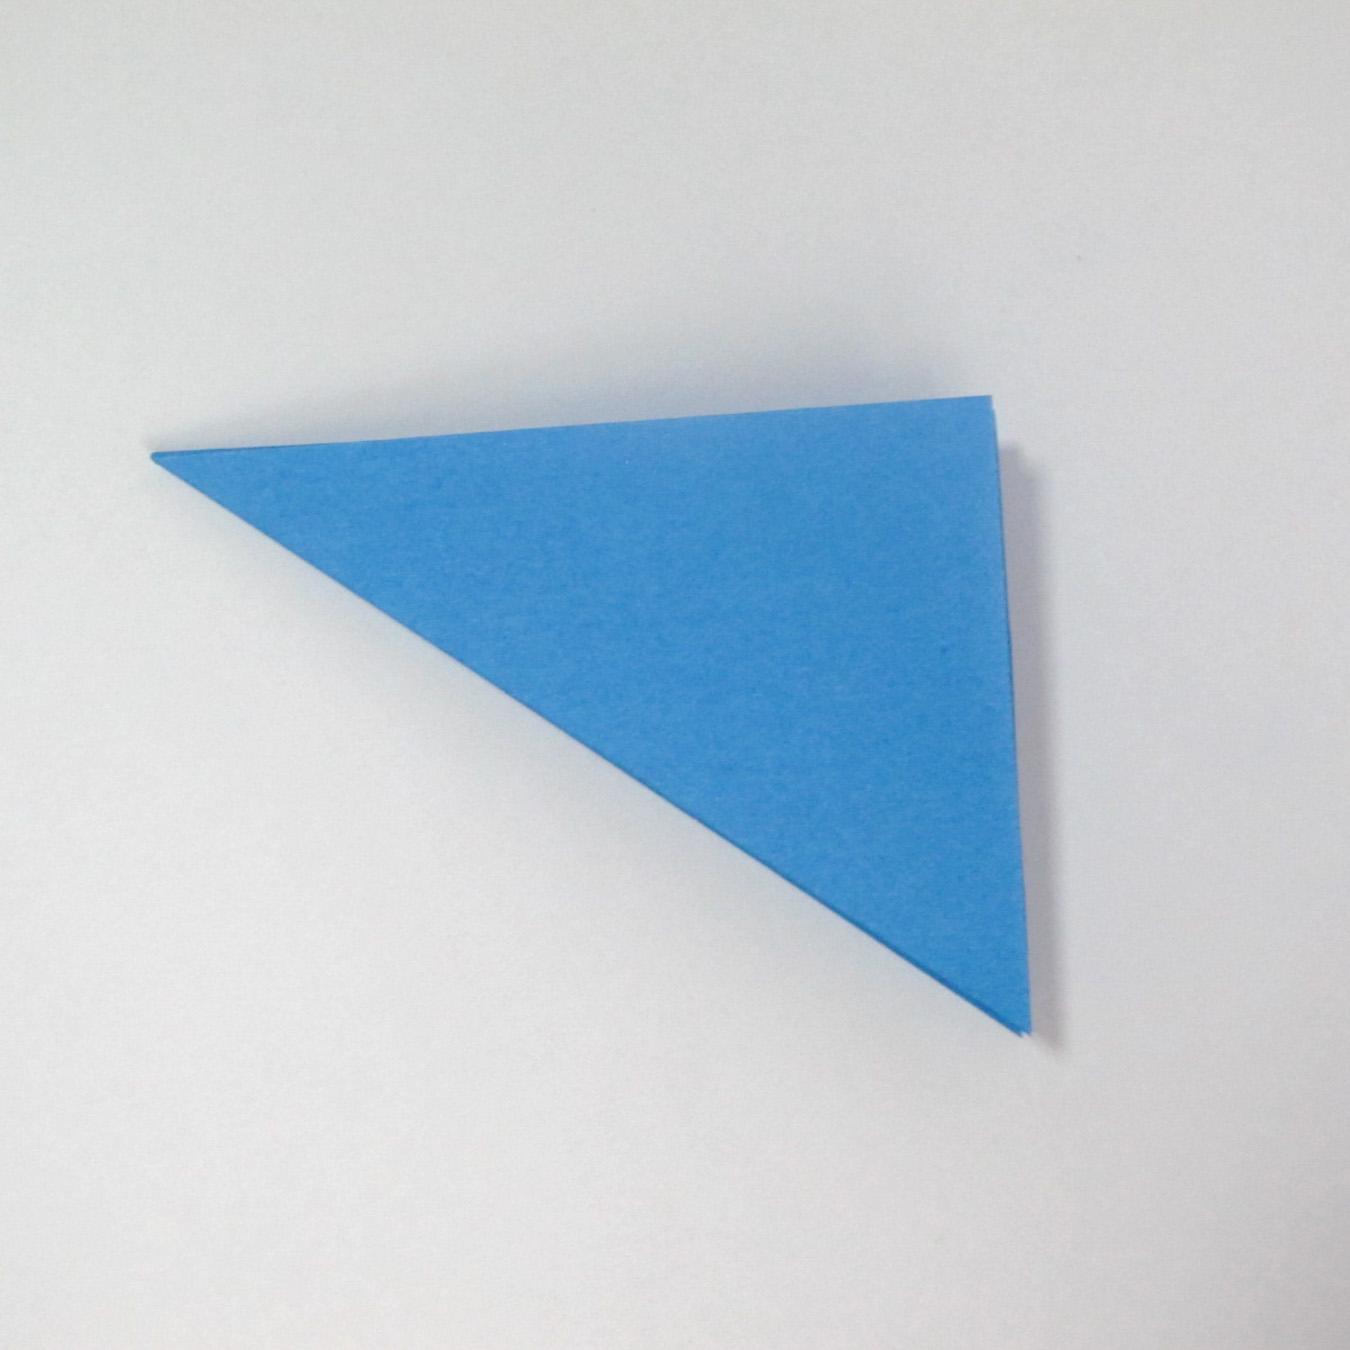 วิธีการตัดกระดาษเป็นห้าเหลี่ยมจากกระดาษสี่เหลี่ยมจตุรัส 002